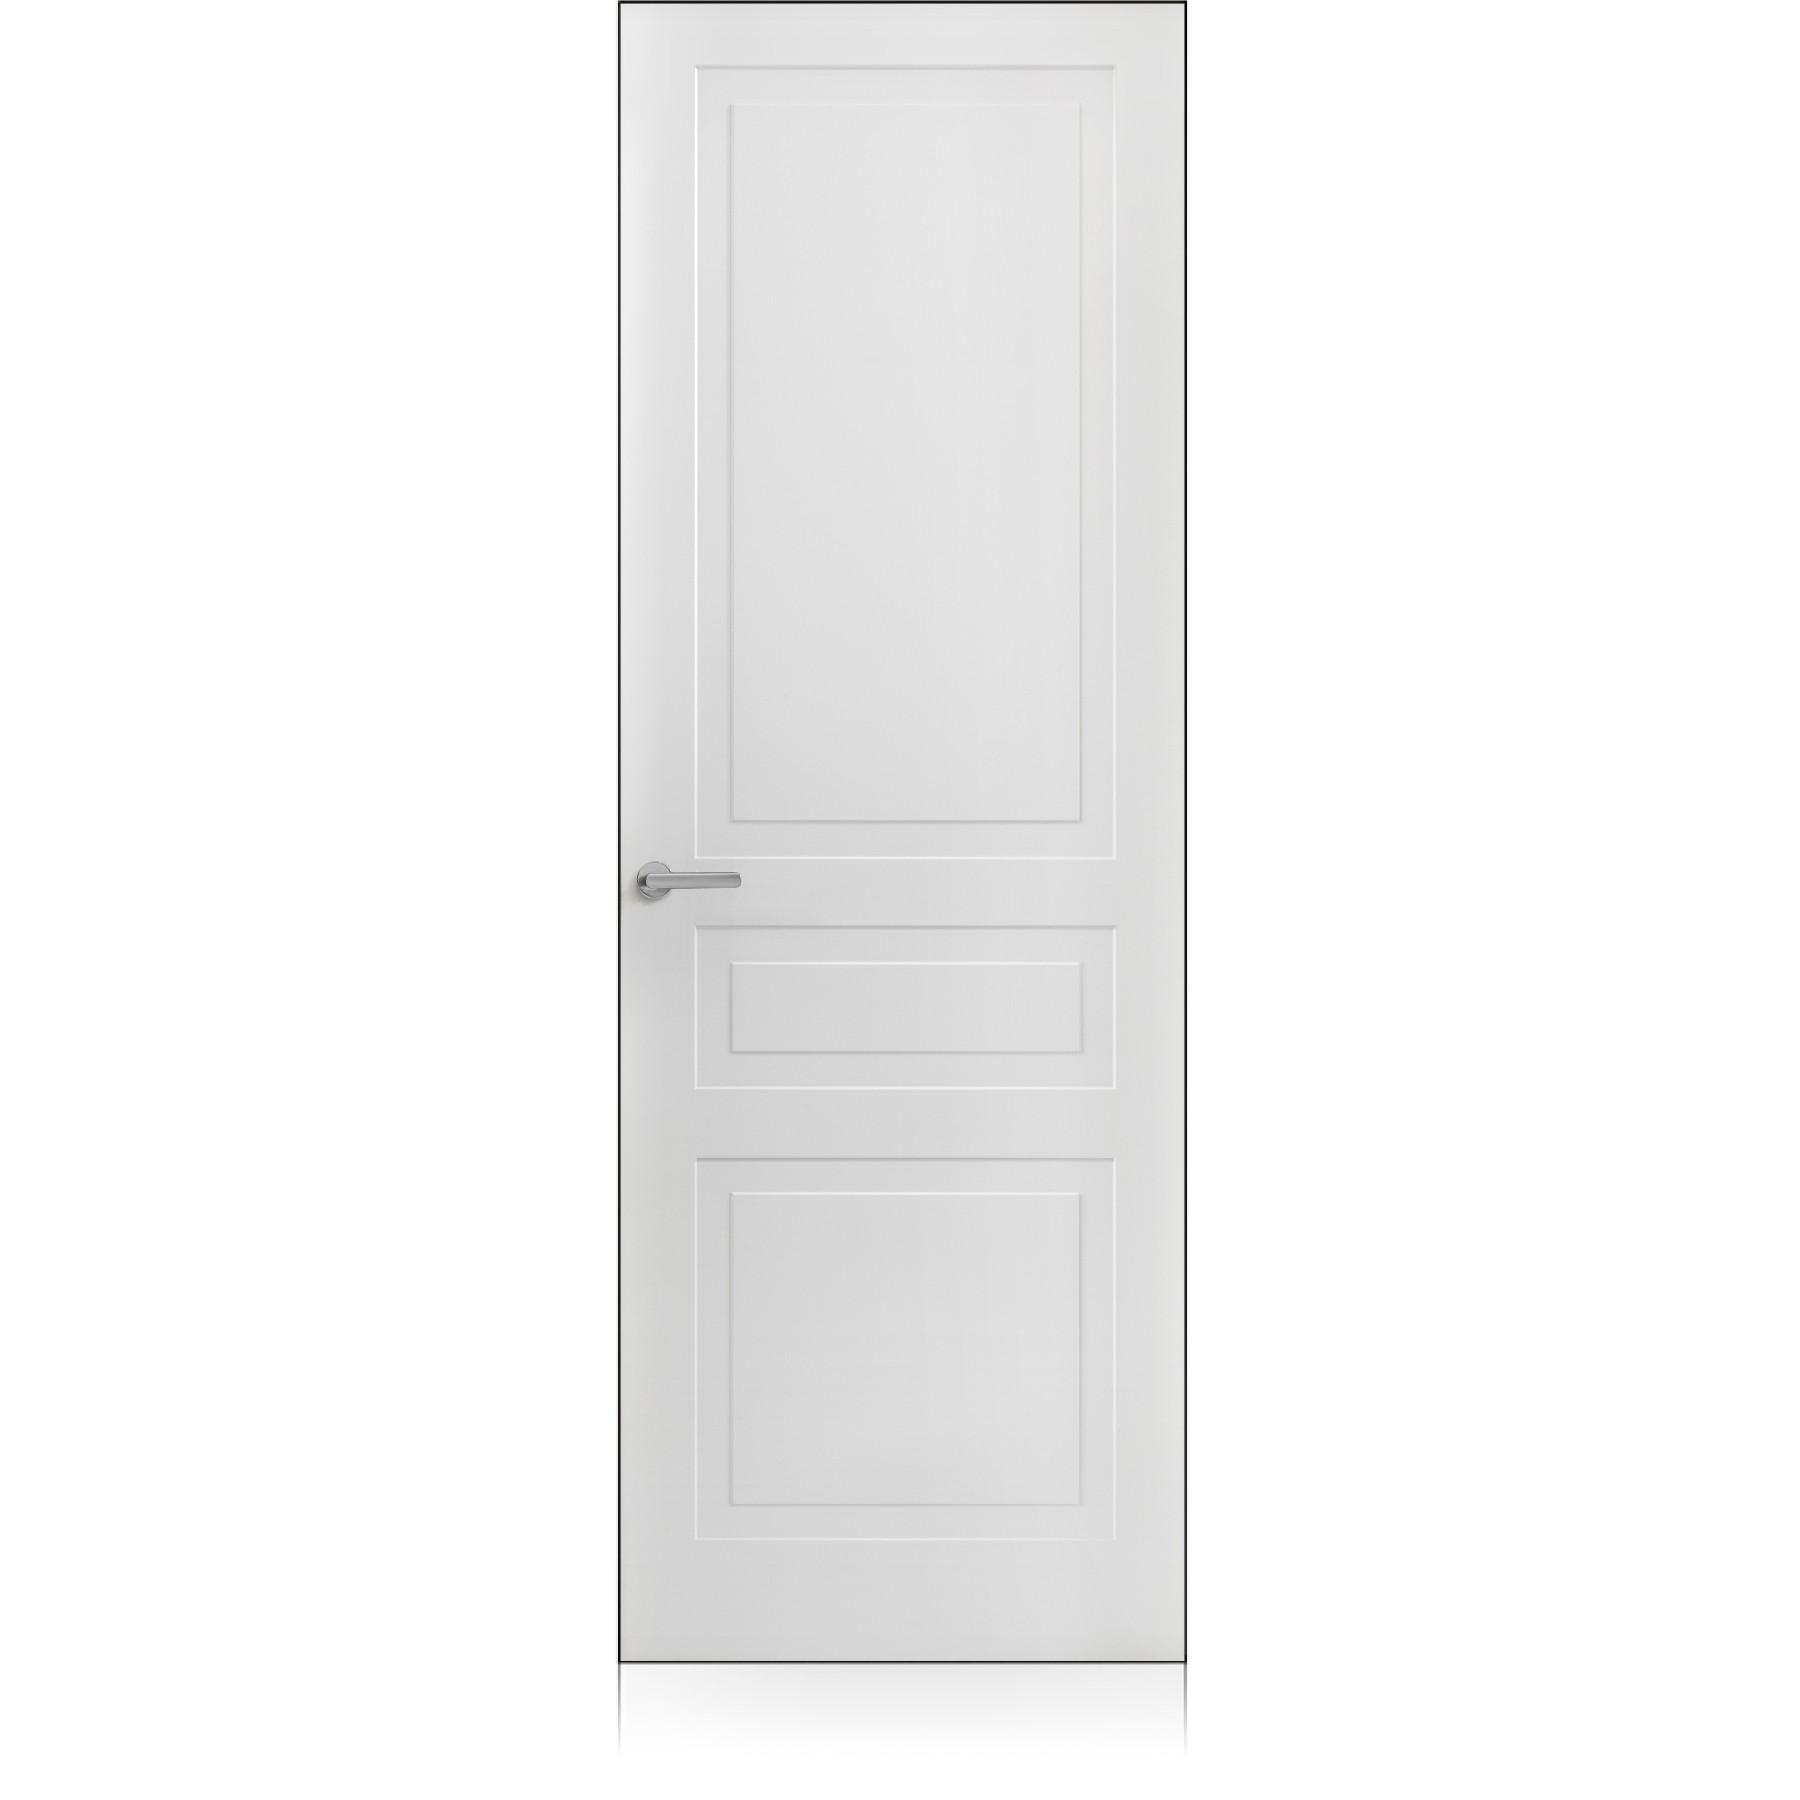 Porta Mixy / 7 Zero Bianco Laccato ULTRAopaco